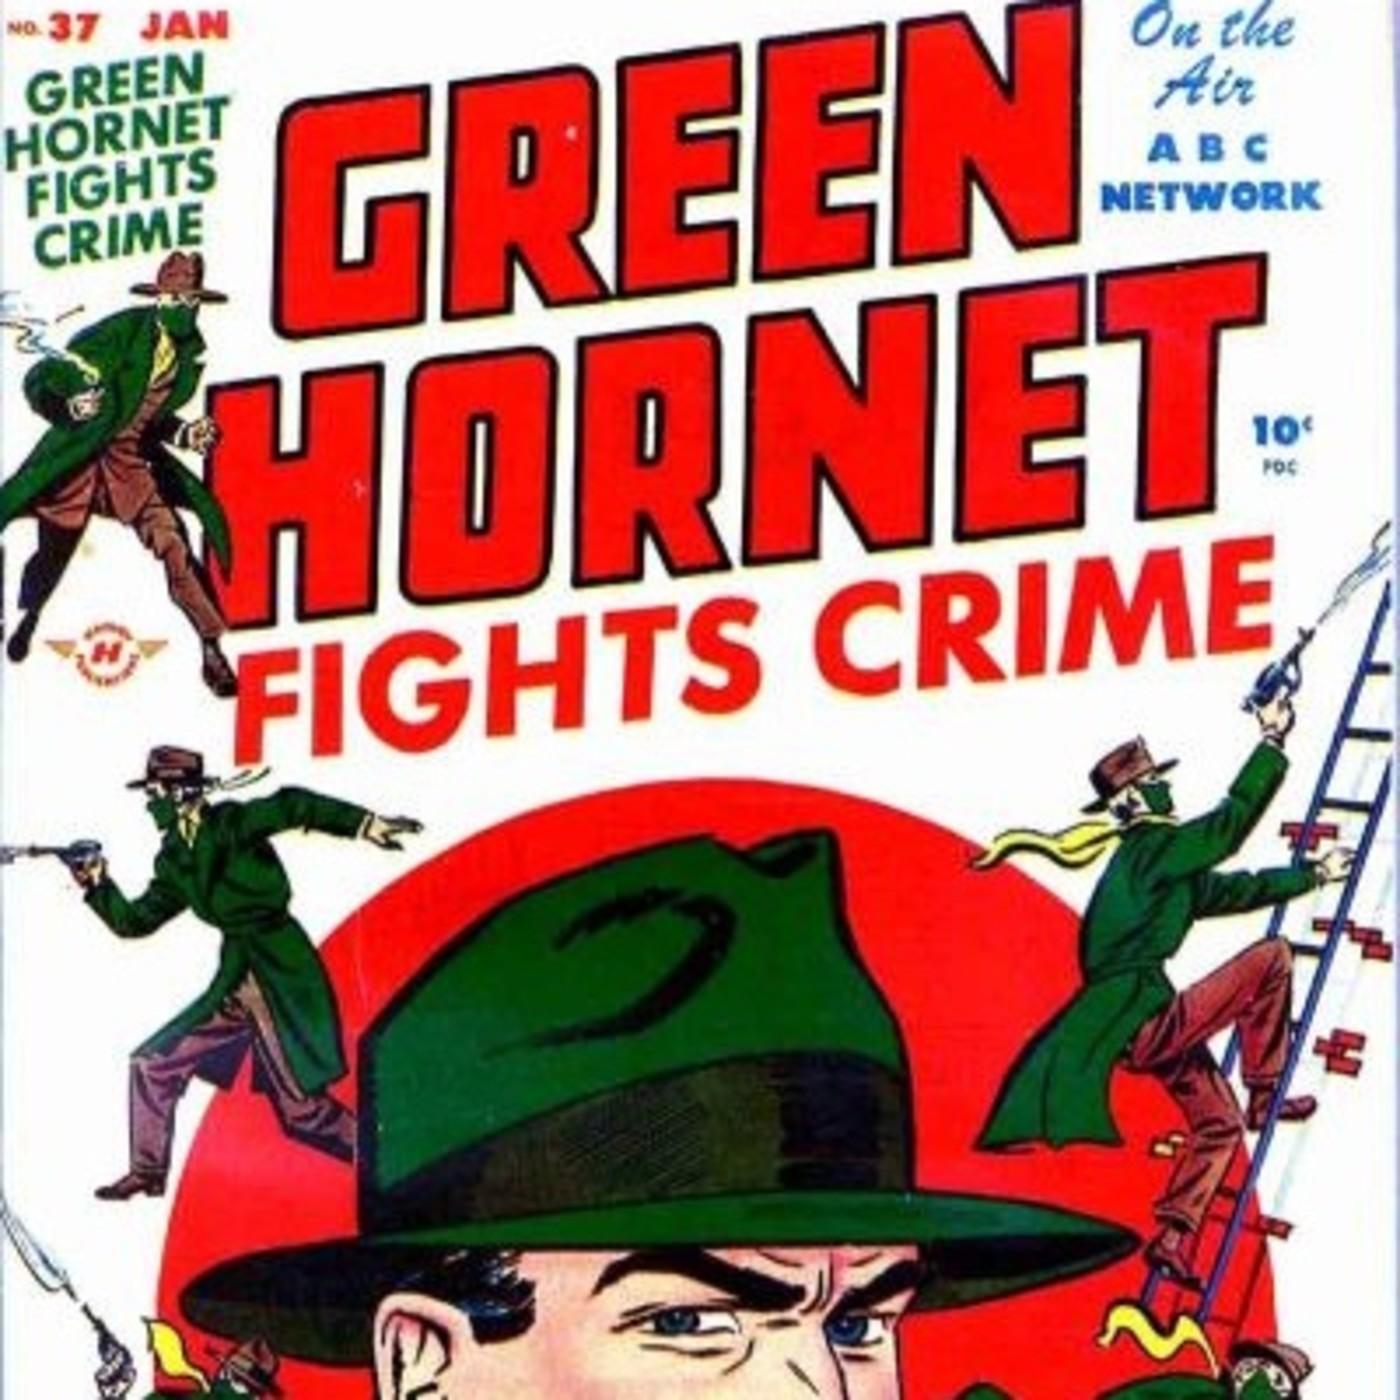 The Green Hornet - 00 - 420912 Murder Trips A Rat.mp3